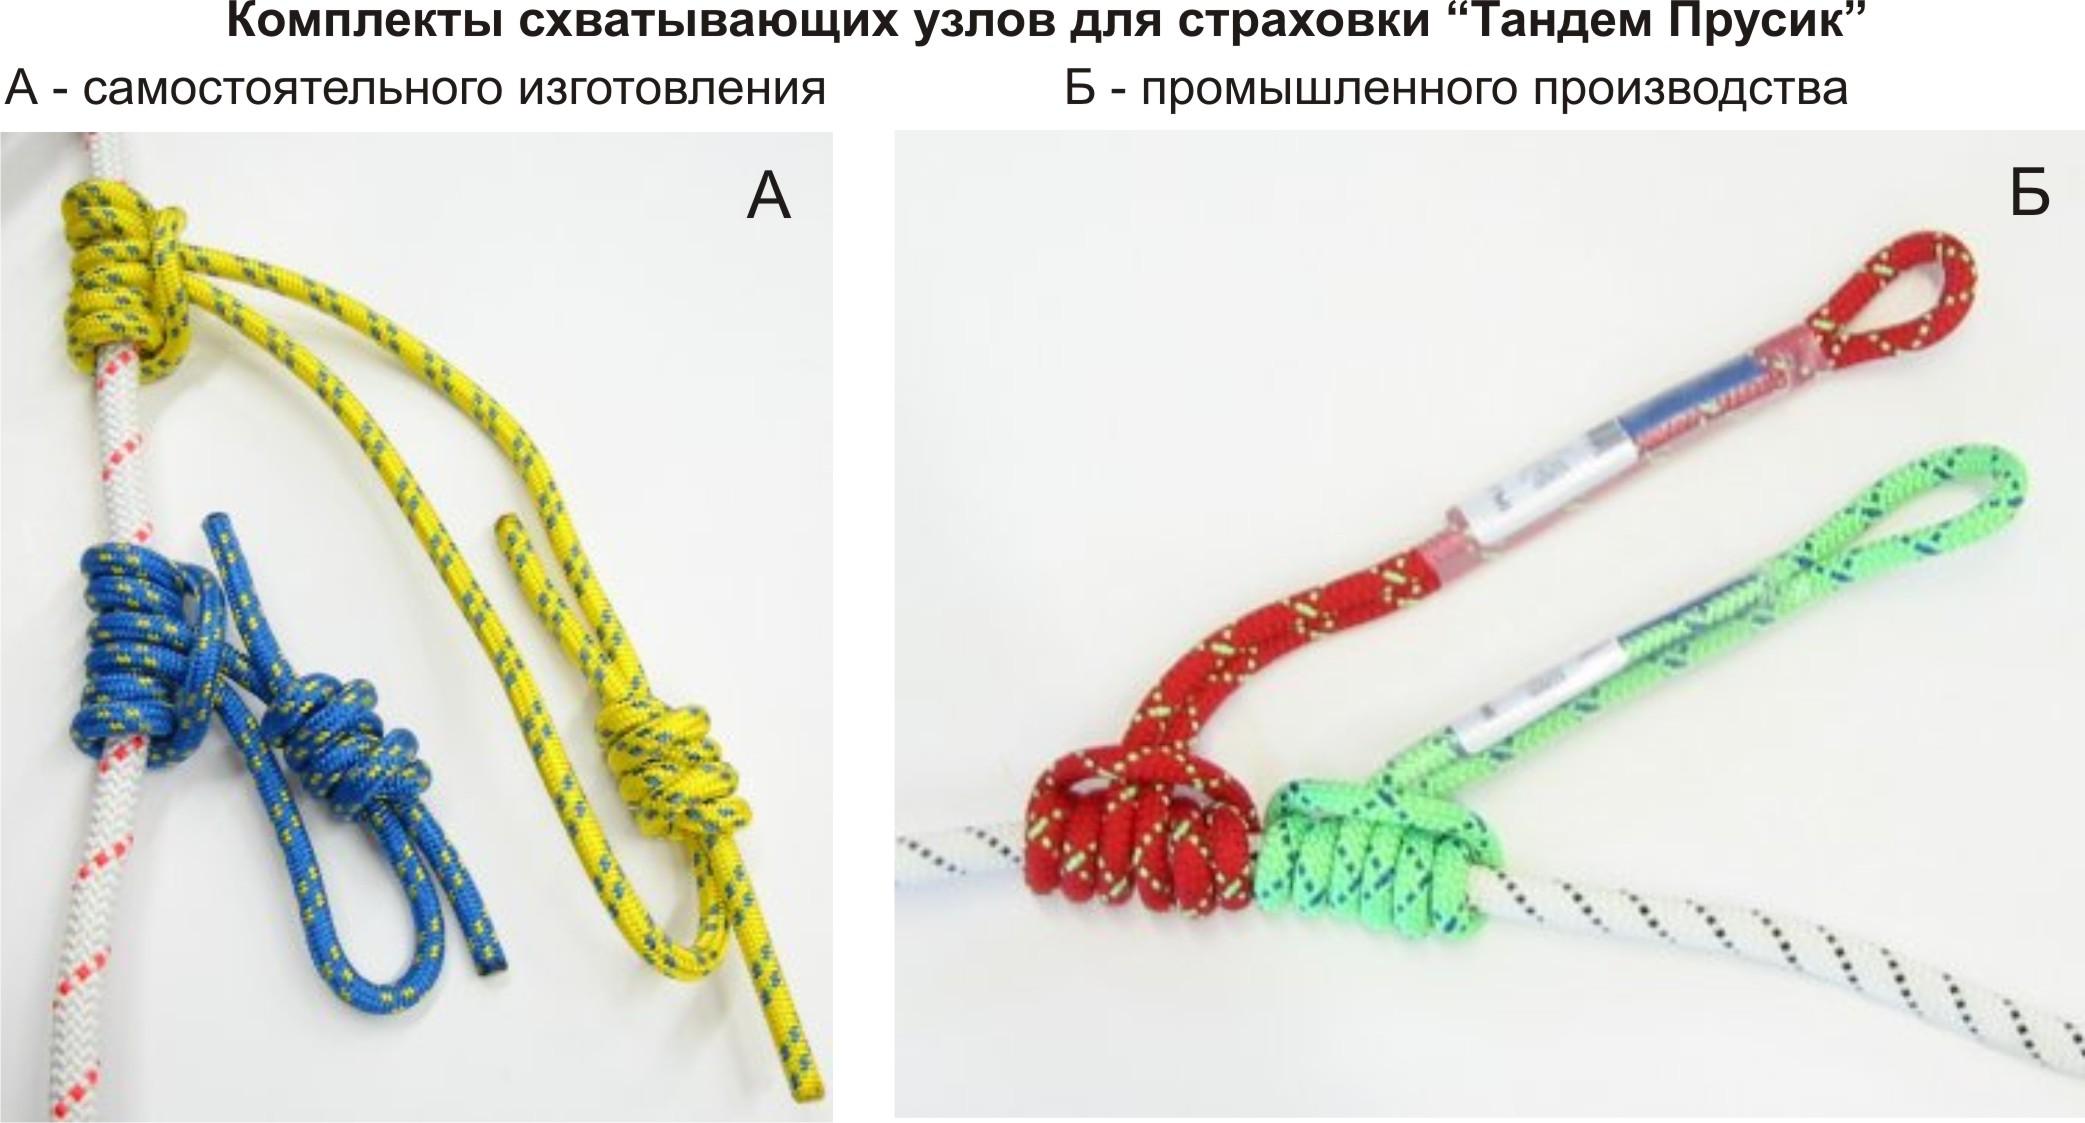 Каталог полезных узлов - Про узлы. ру 47